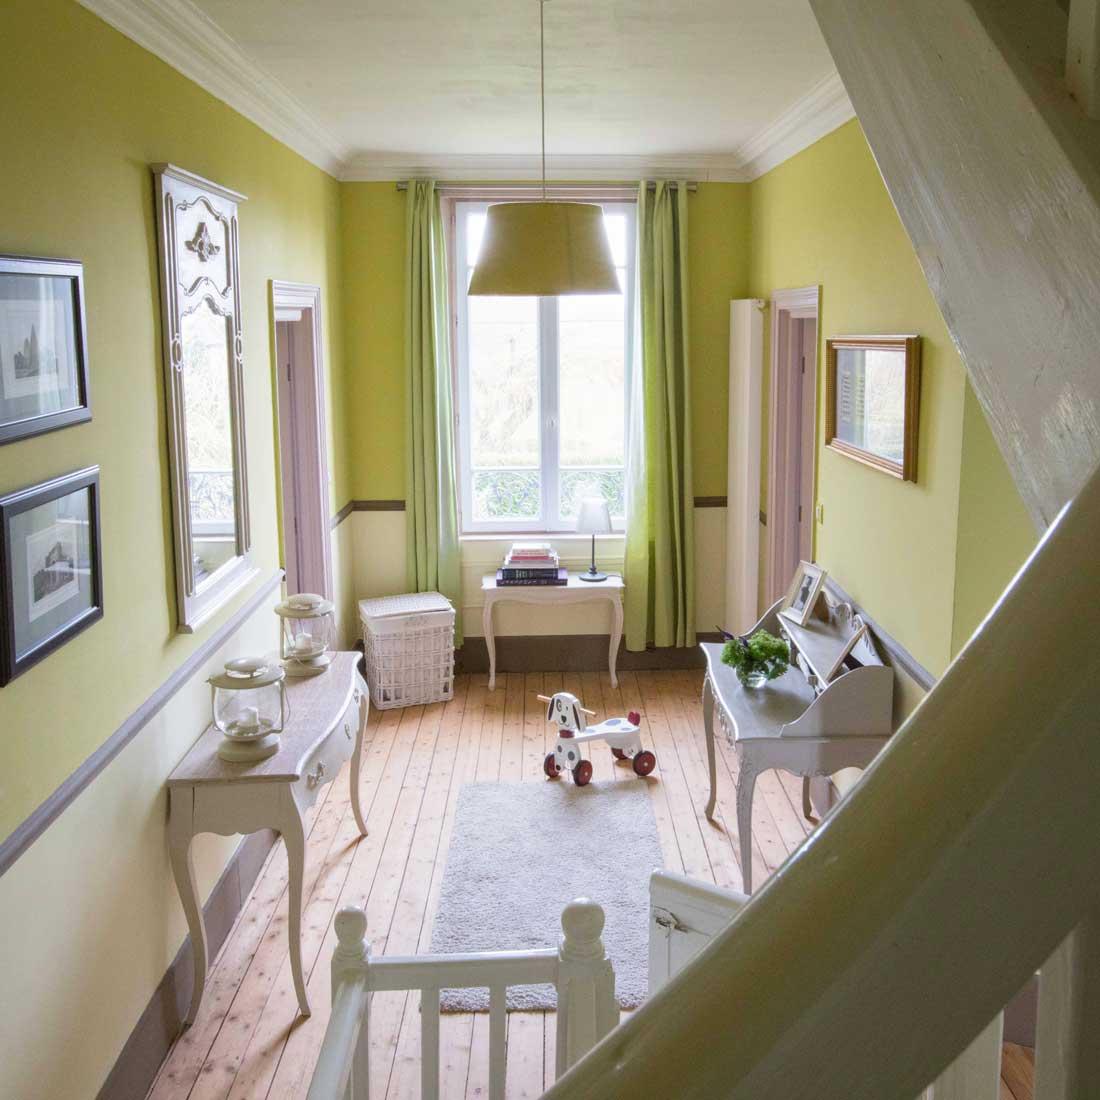 Maison De Campagne Vexin maison cosy-colorée - cosy side - design d'intérieur